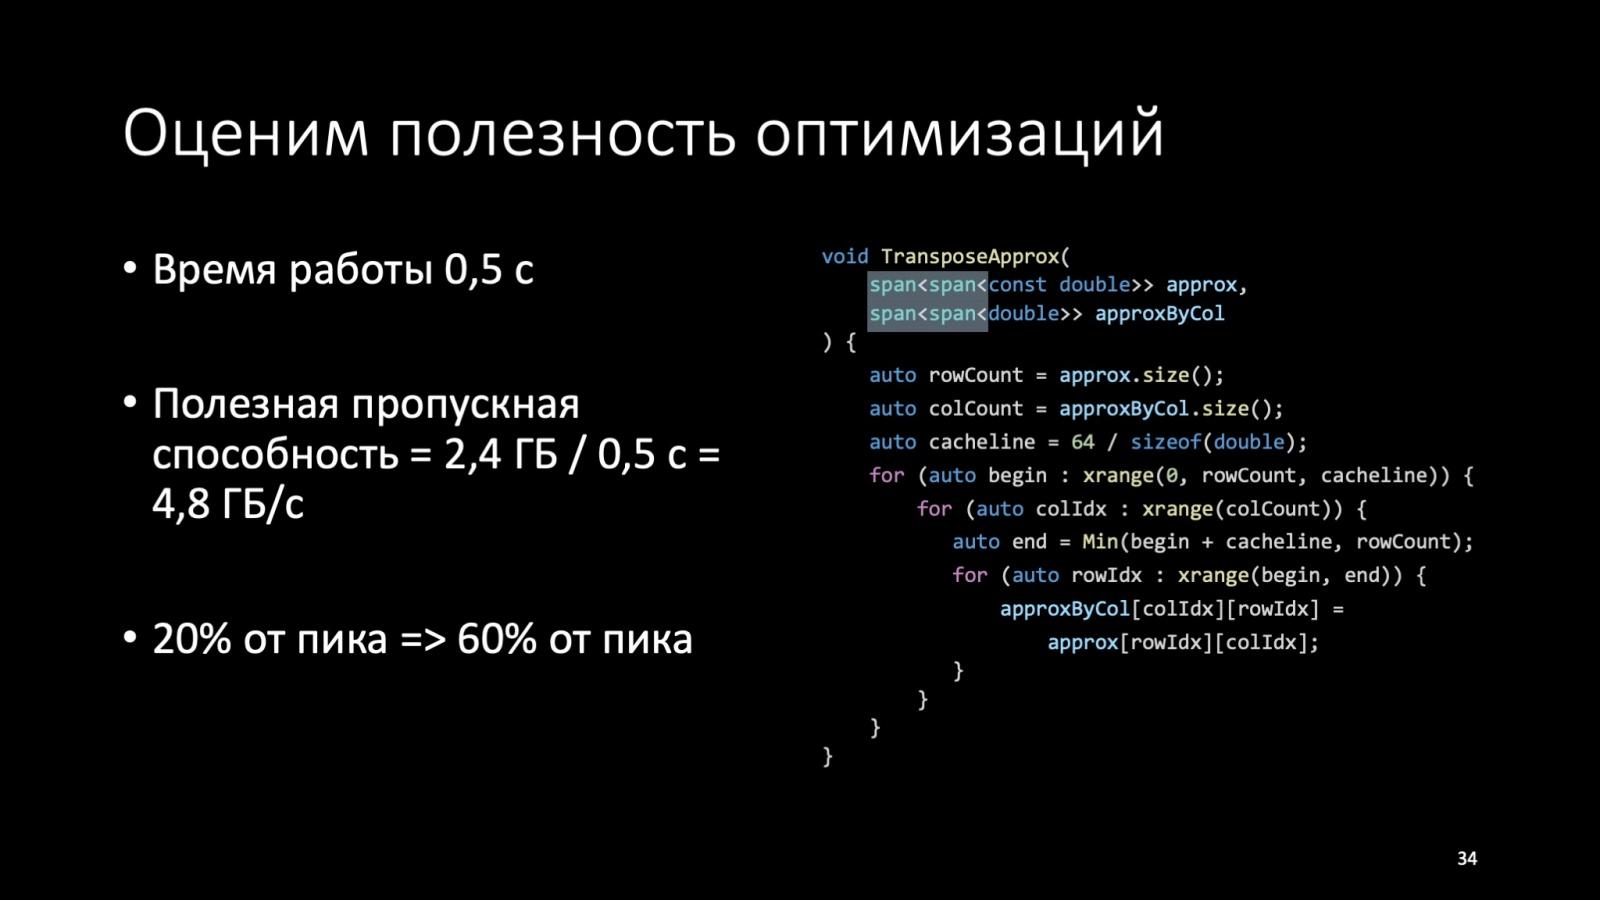 Оптимизация C++: совмещаем скорость и высокий уровень. Доклад Яндекса - 37